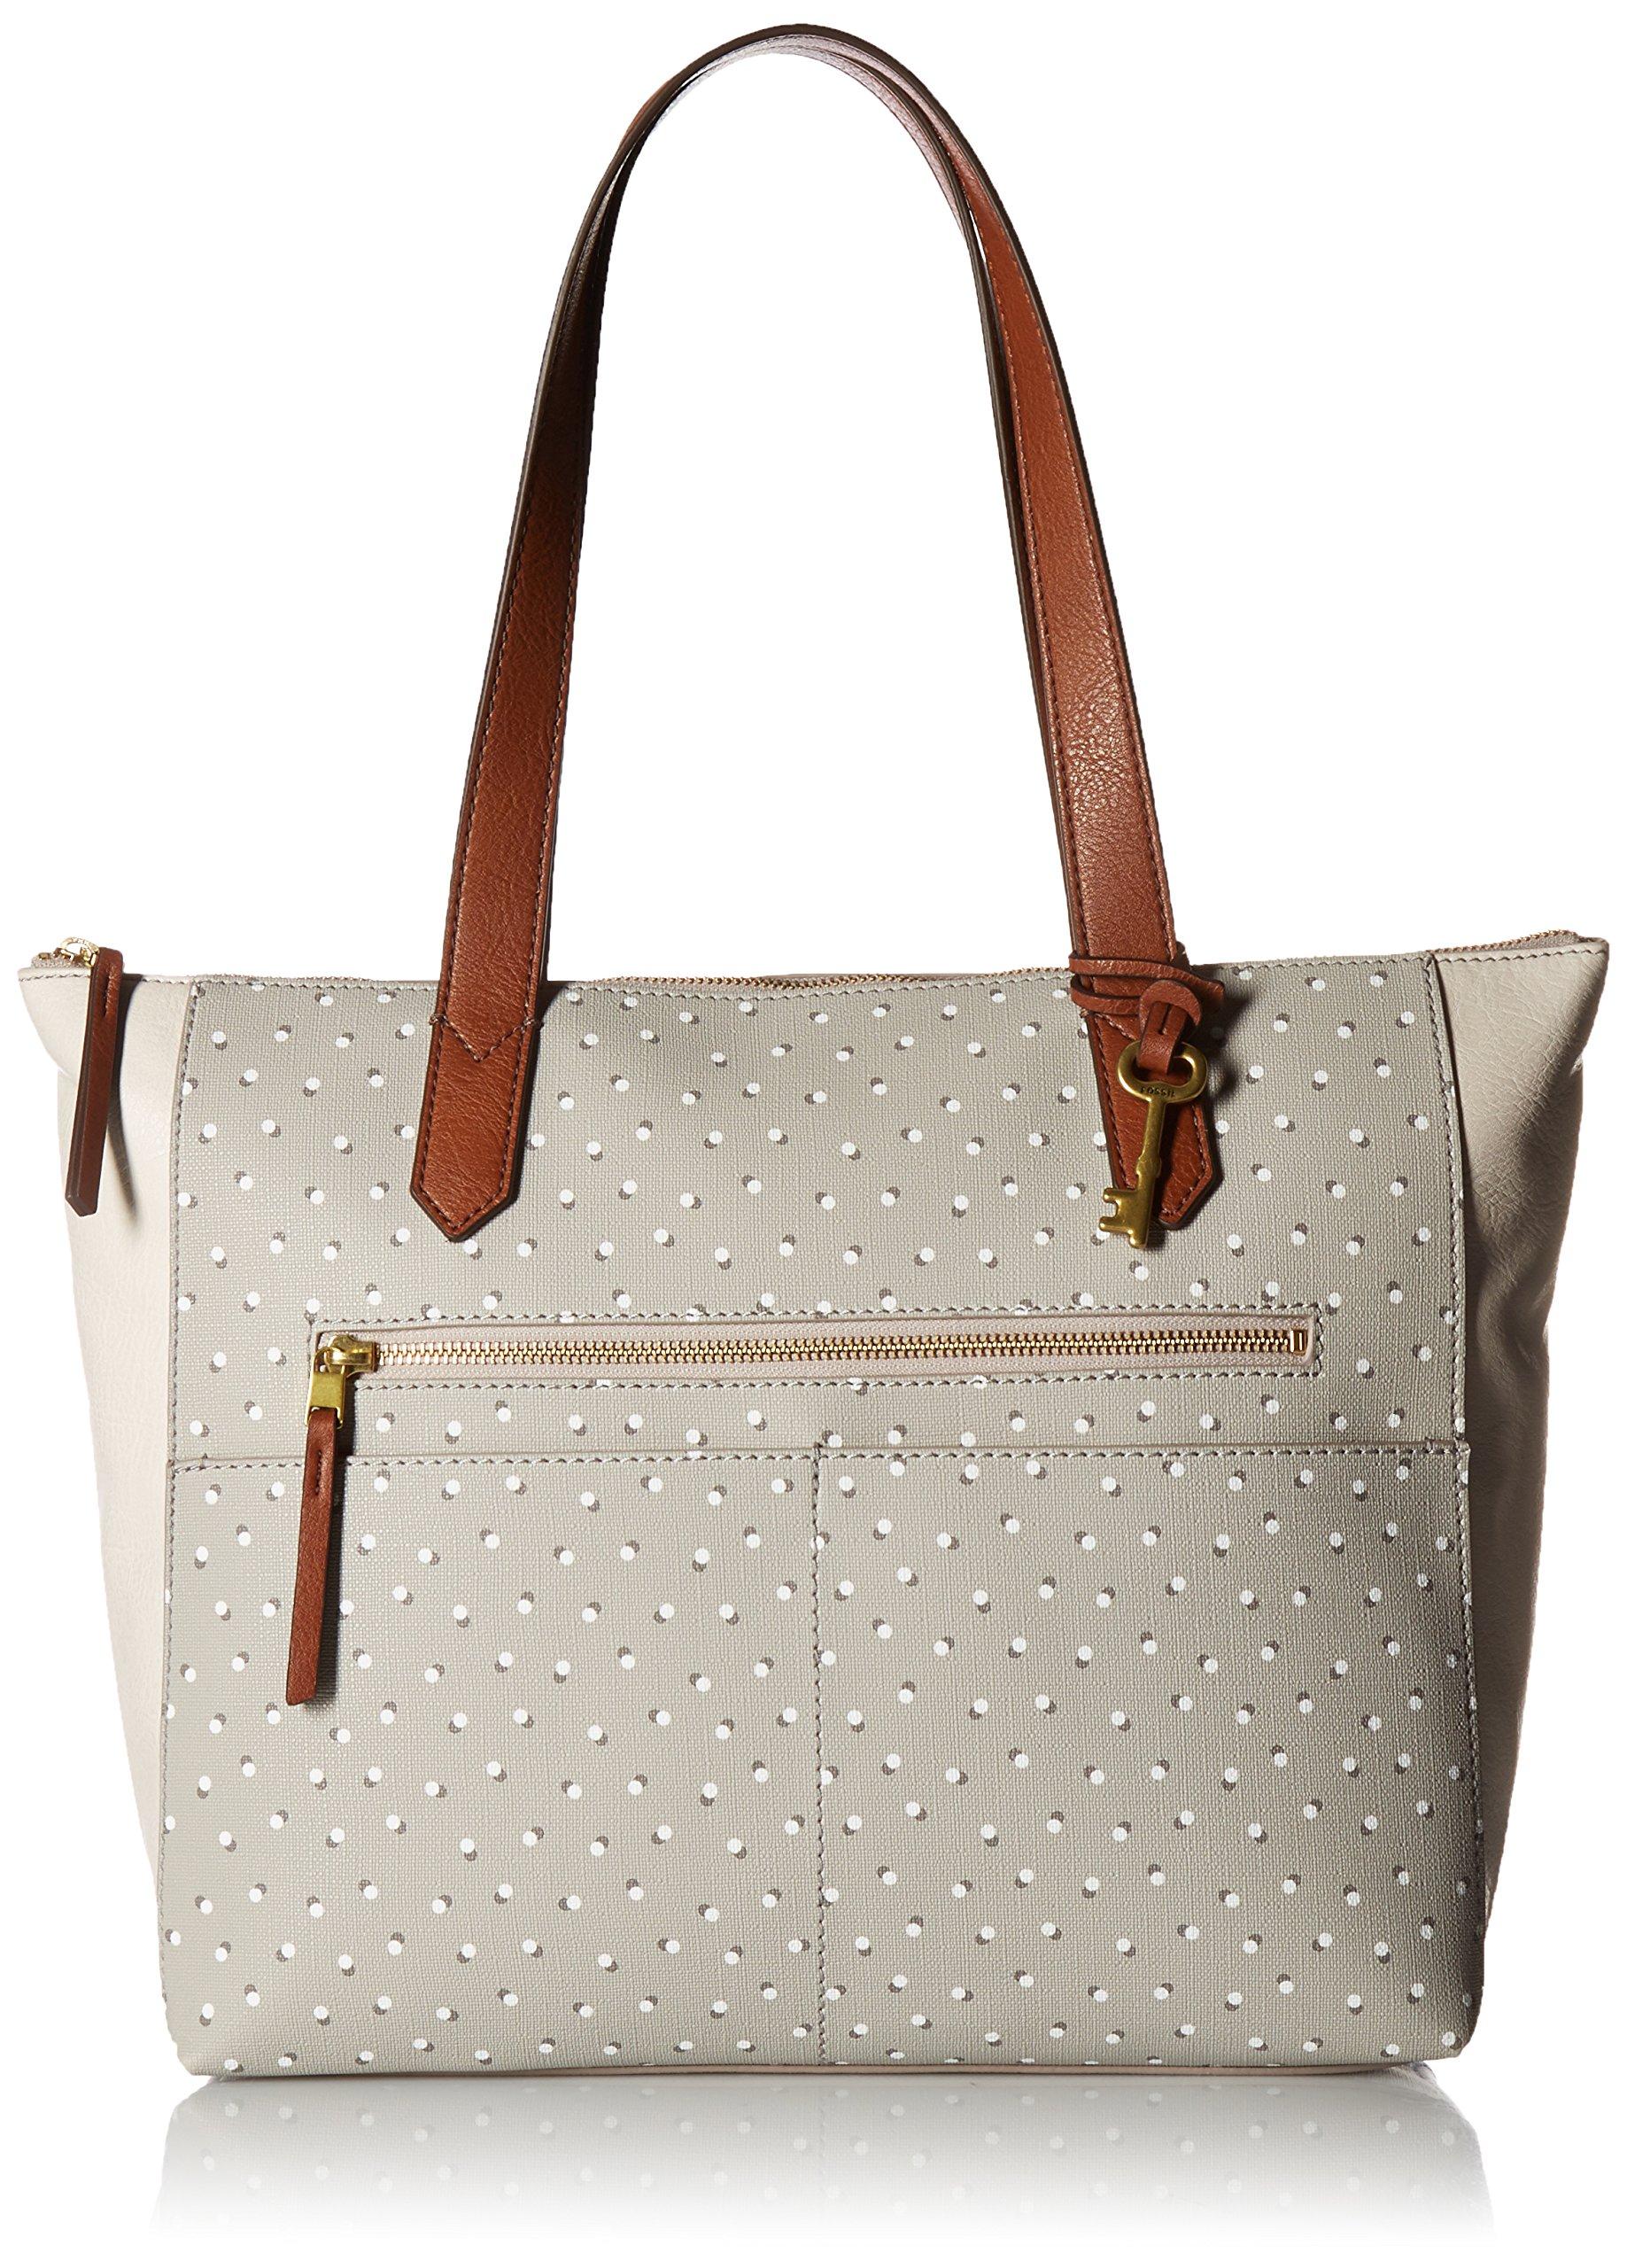 Fossil Fiona E/W Tote Bag, Grey/White